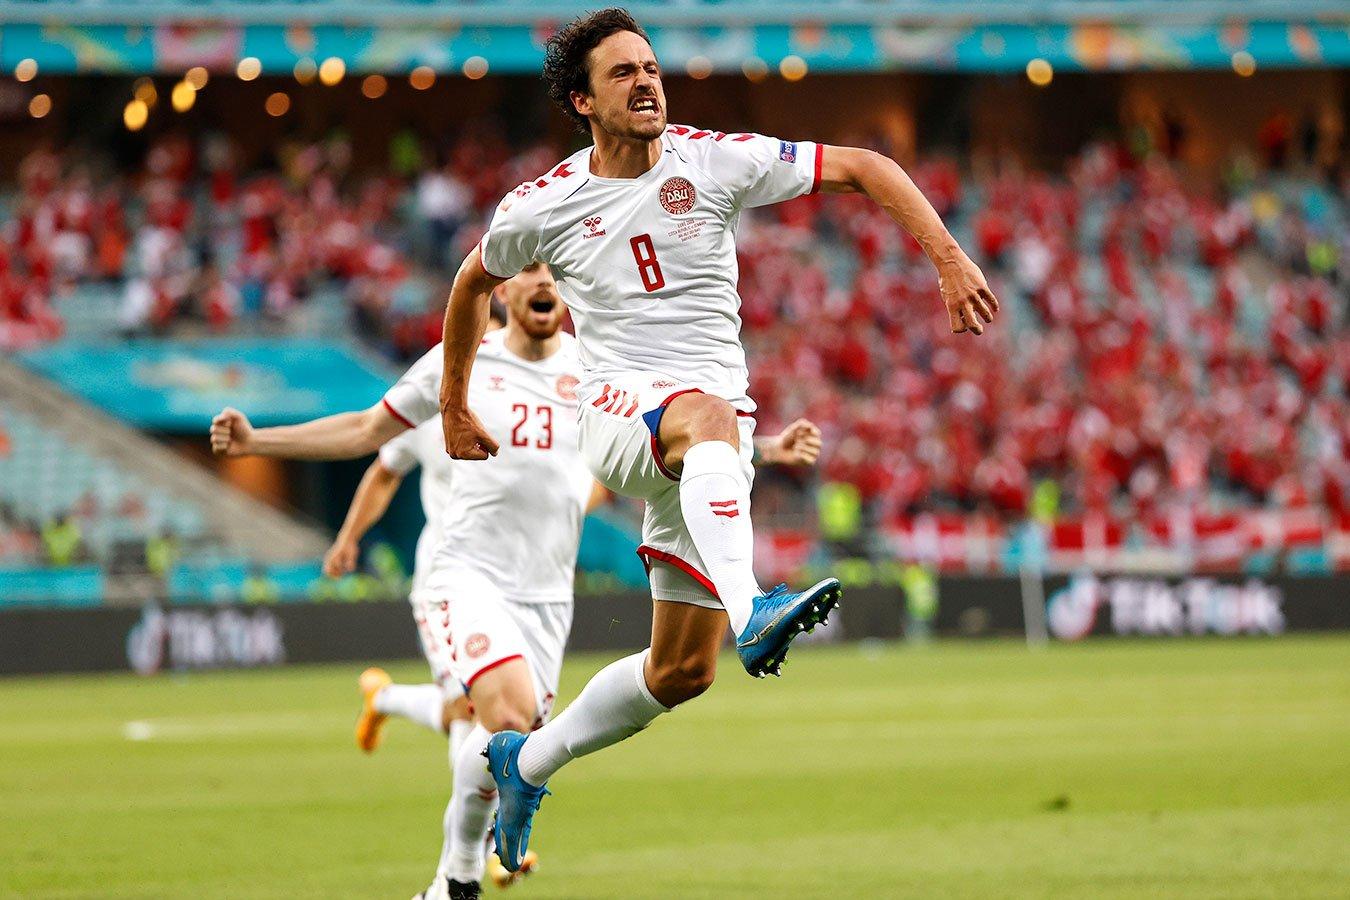 Сборная Дании обыграла Чехию и вышла в полуфинал Евро